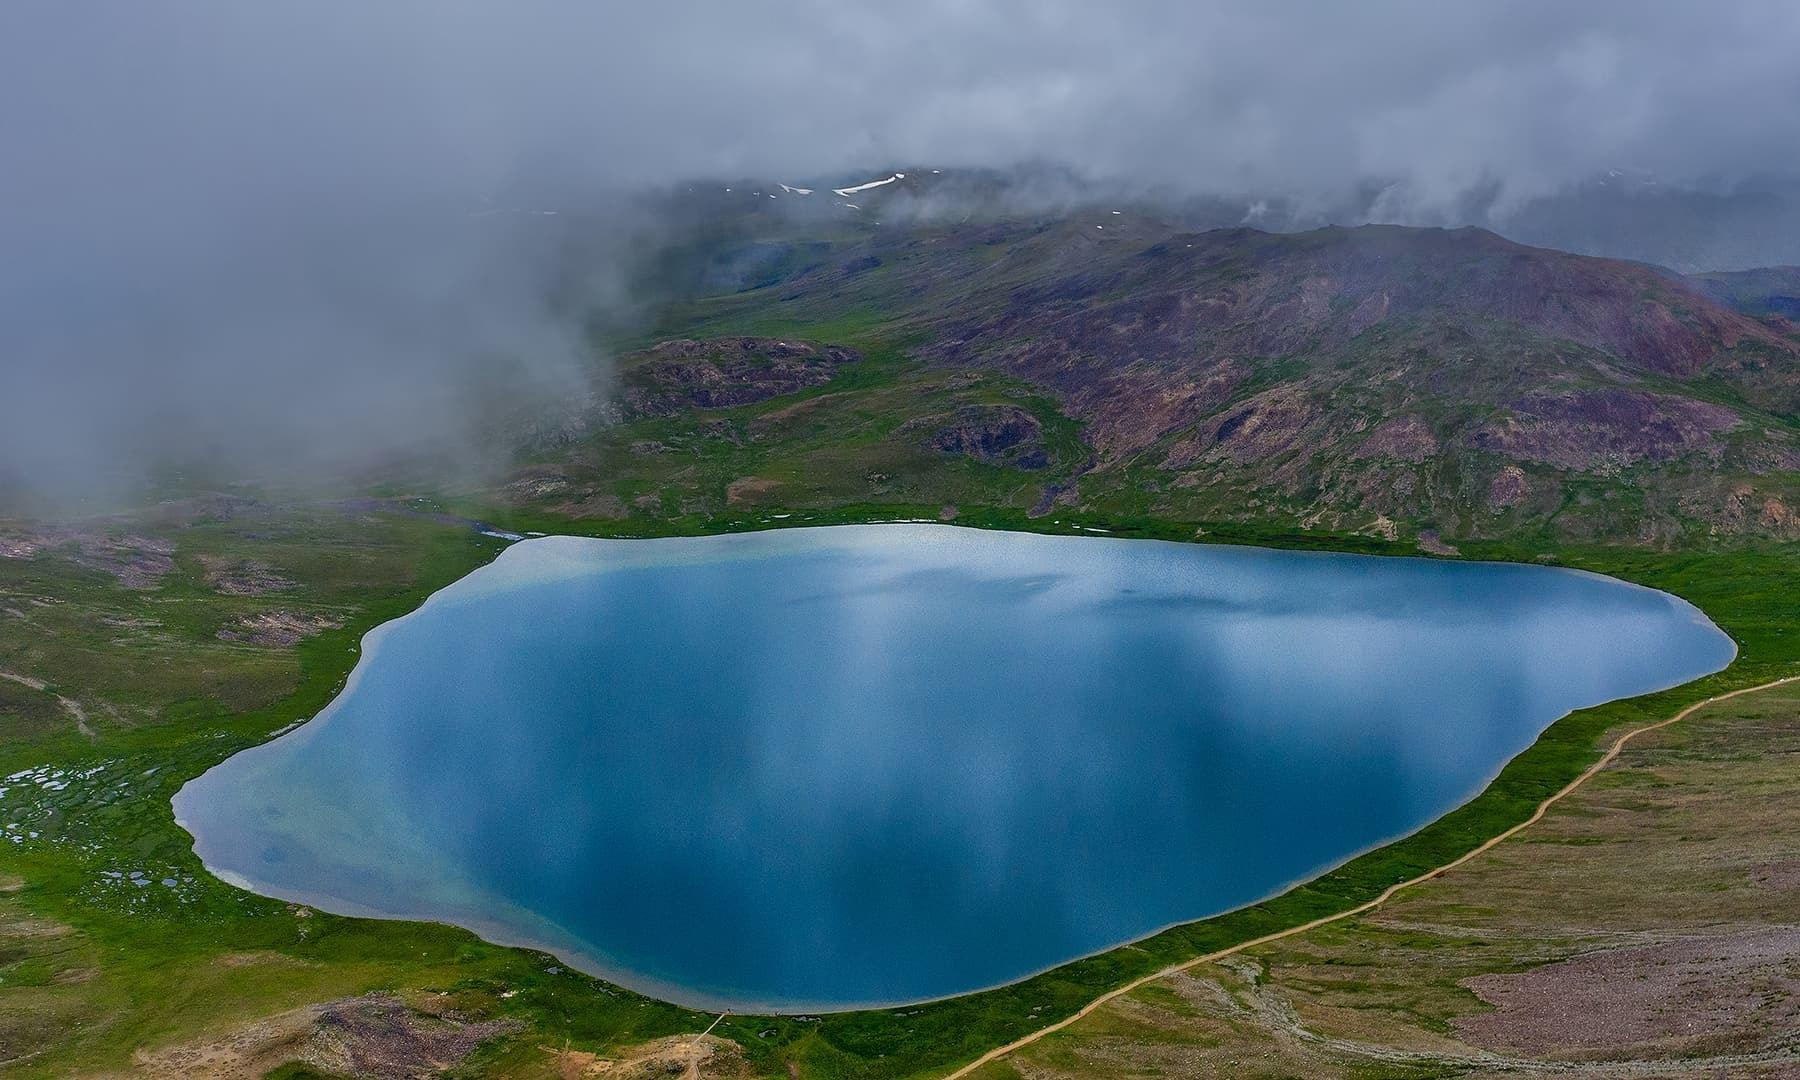 Aerial view of Sheosar Lake. — Photo by Syed Mehdi Bukhari